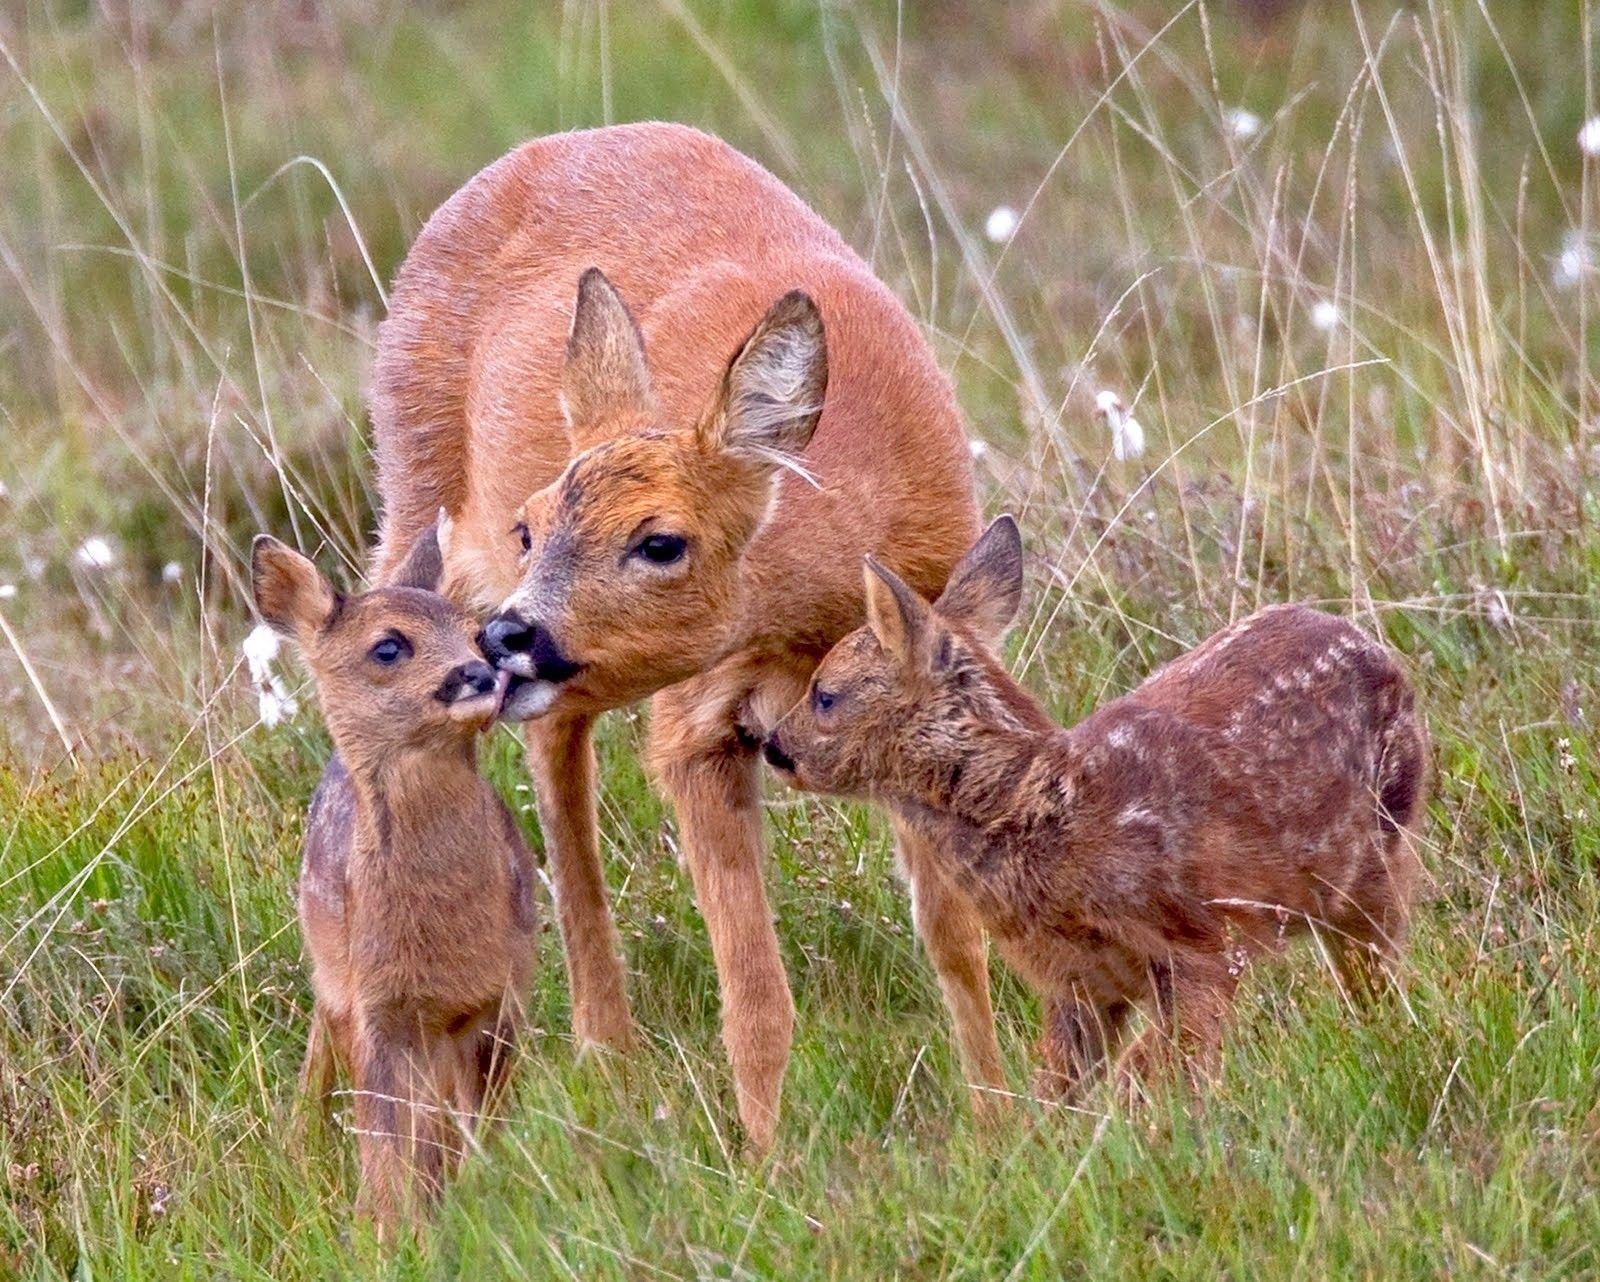 Deer - Nature Animals Wild Deers